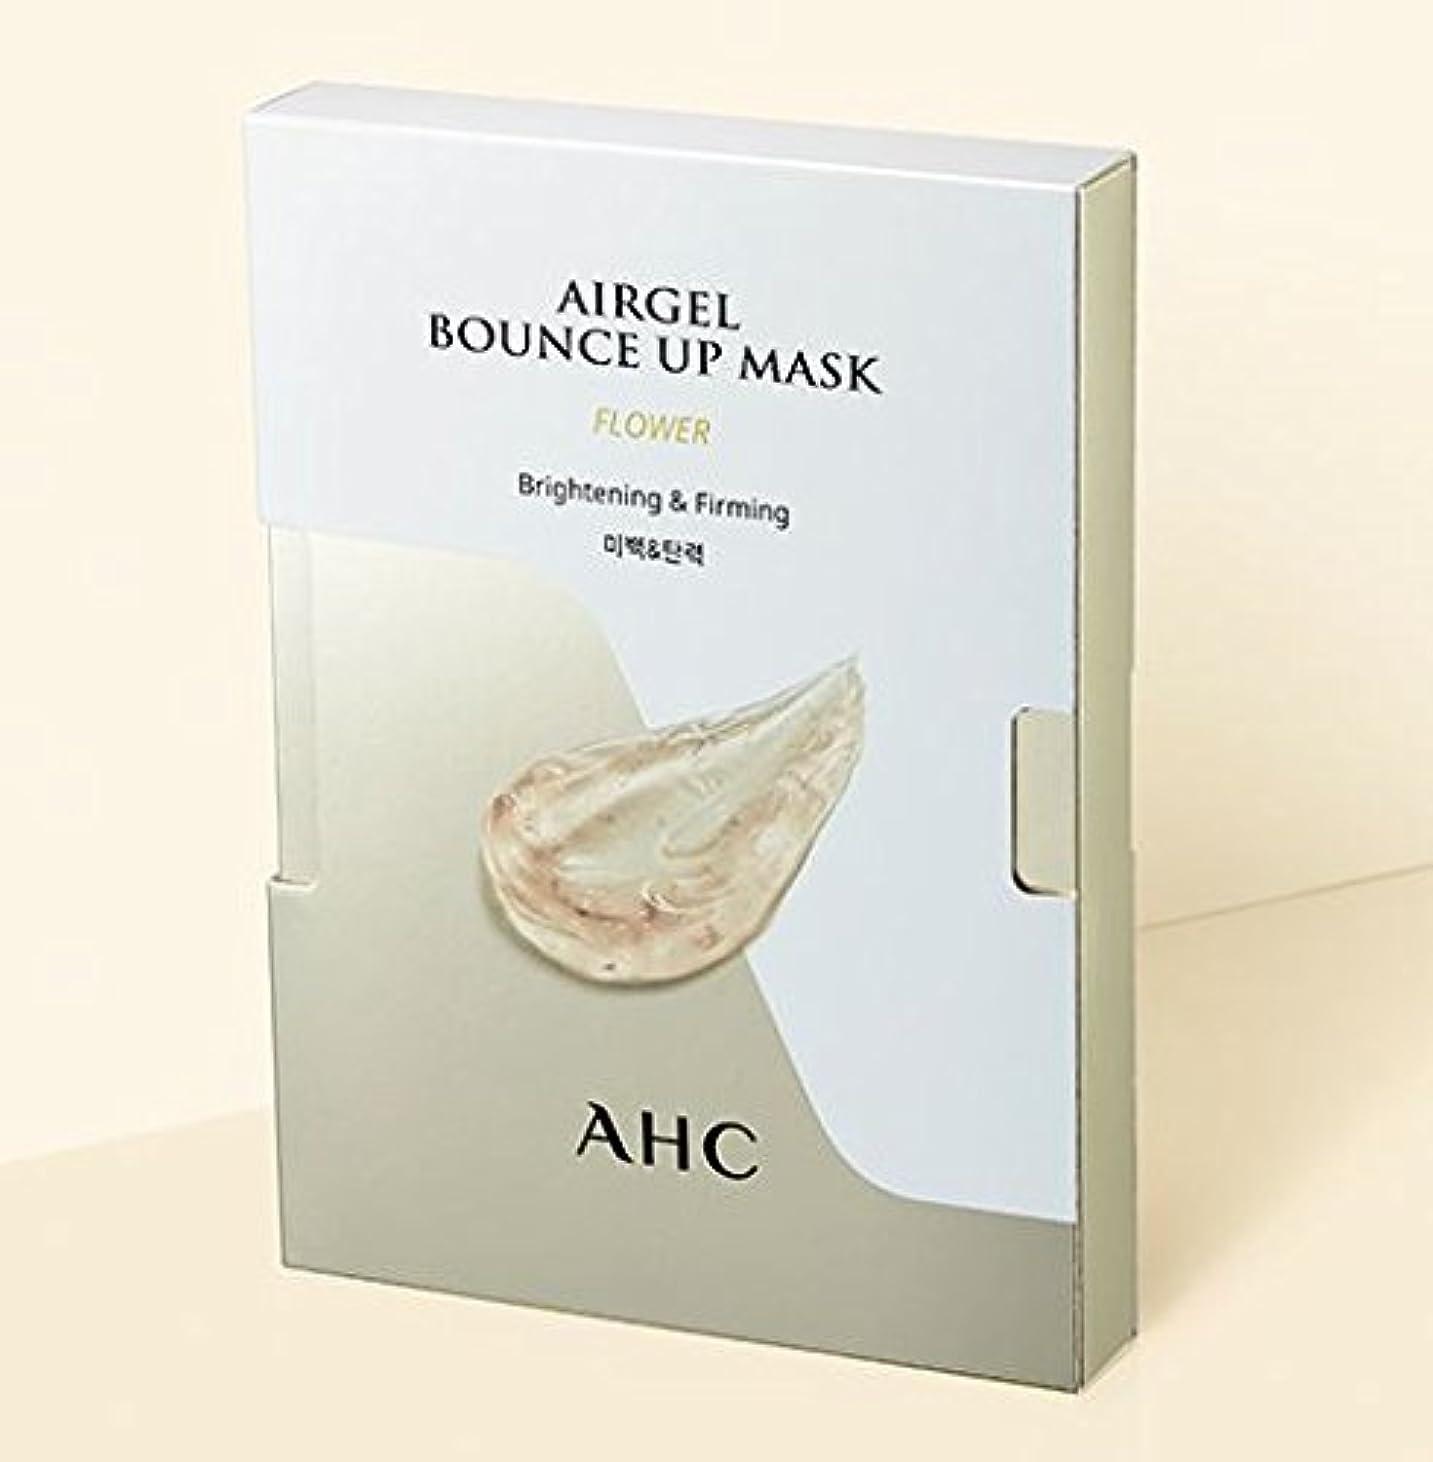 ジョガー囲むウミウシ[A.H.C] Airgel Bounce Up Mask FLOWER (Brightening&Firming)30g*5sheet/フラワーエアゲルマスク30g*5枚 [並行輸入品]